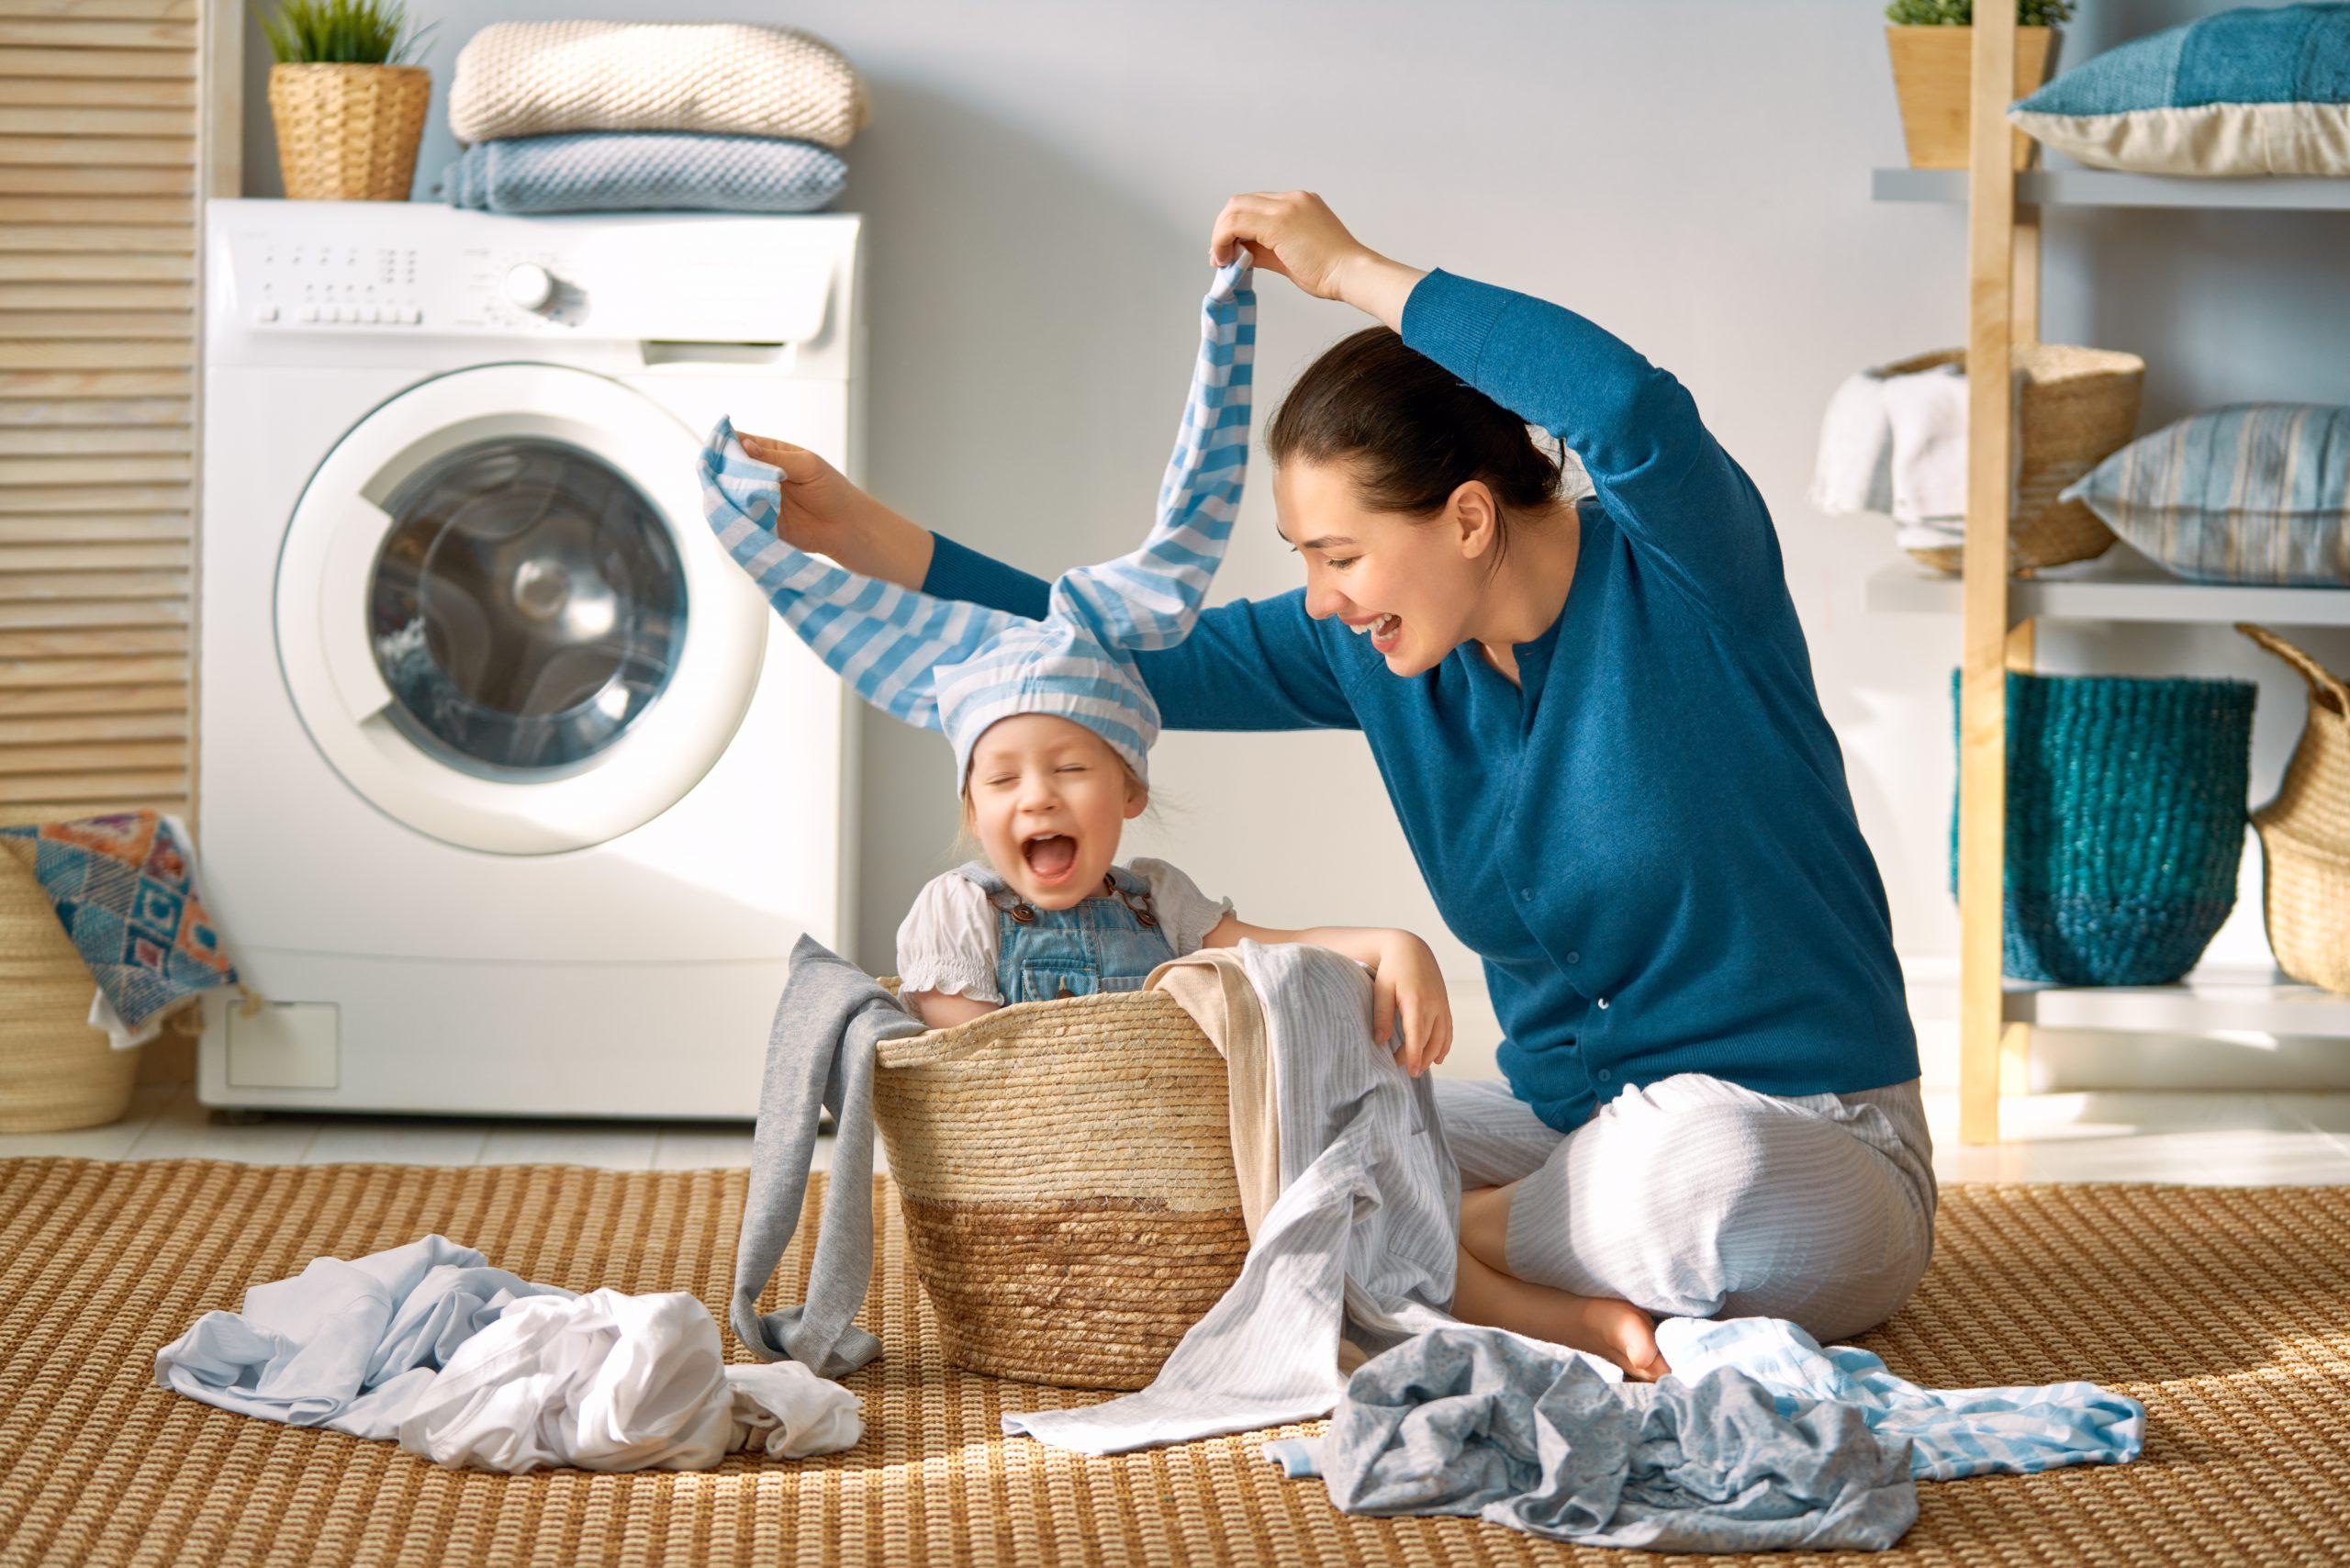 Mladá žena a dieťa v koši na bielizeň pri práčke.